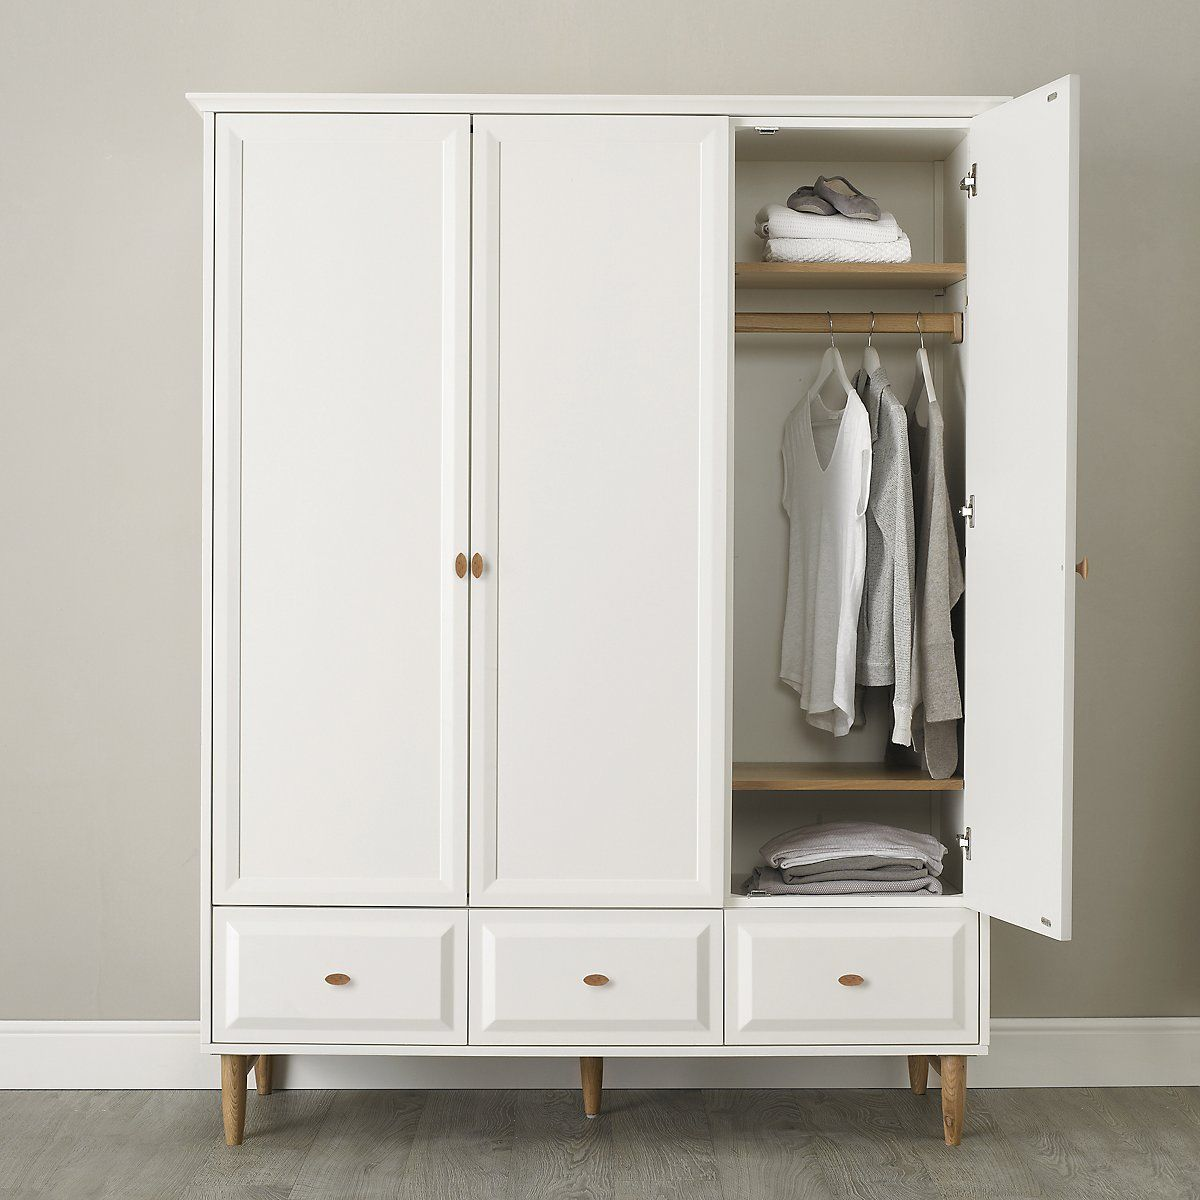 Ercol Devon Wardrobe Bedroom Furniture Home The White Company Uk